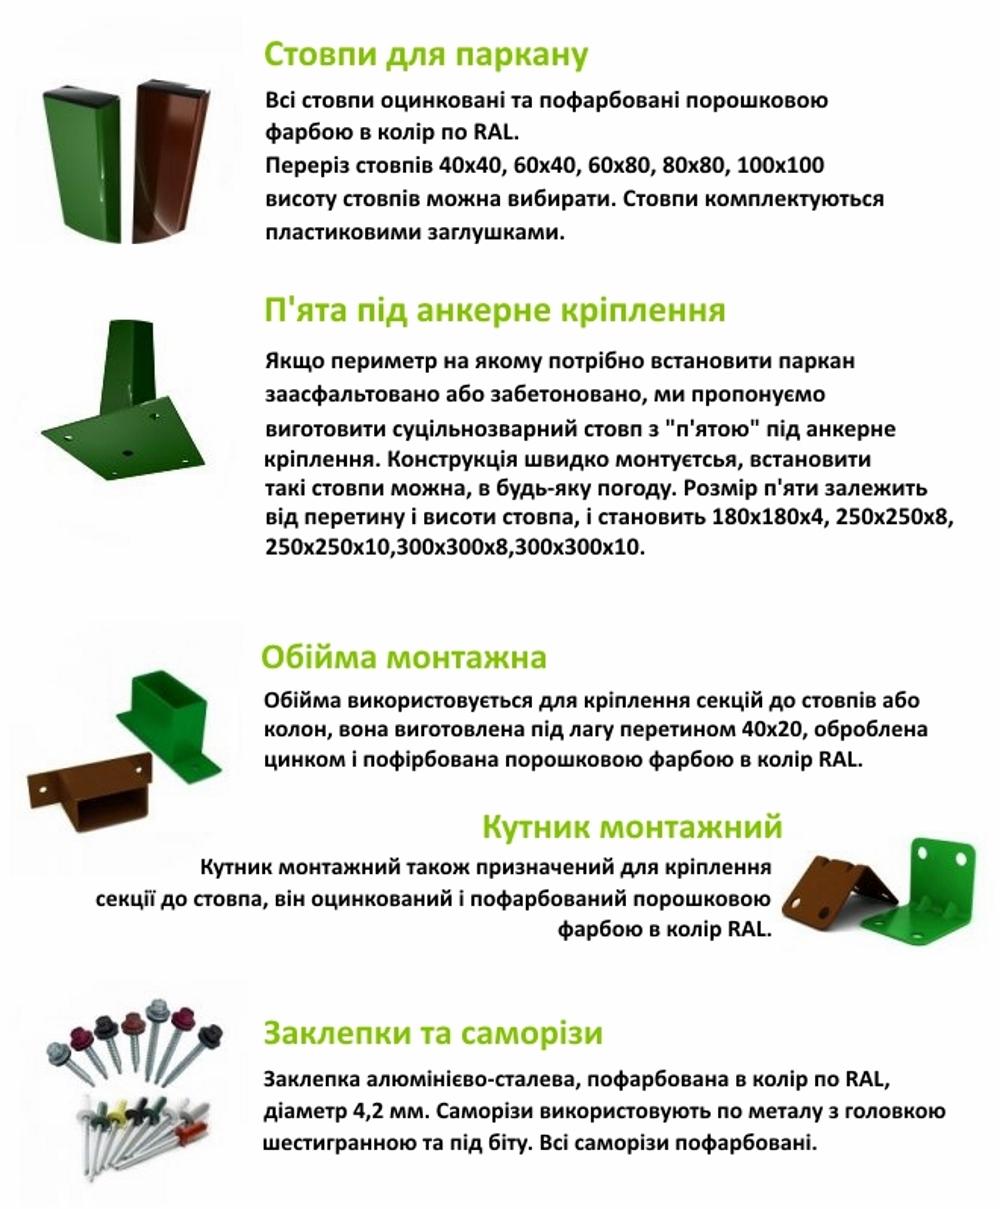 КОМПЛЕКТУЮЧІ для штахетної огорожі (євроштахети)